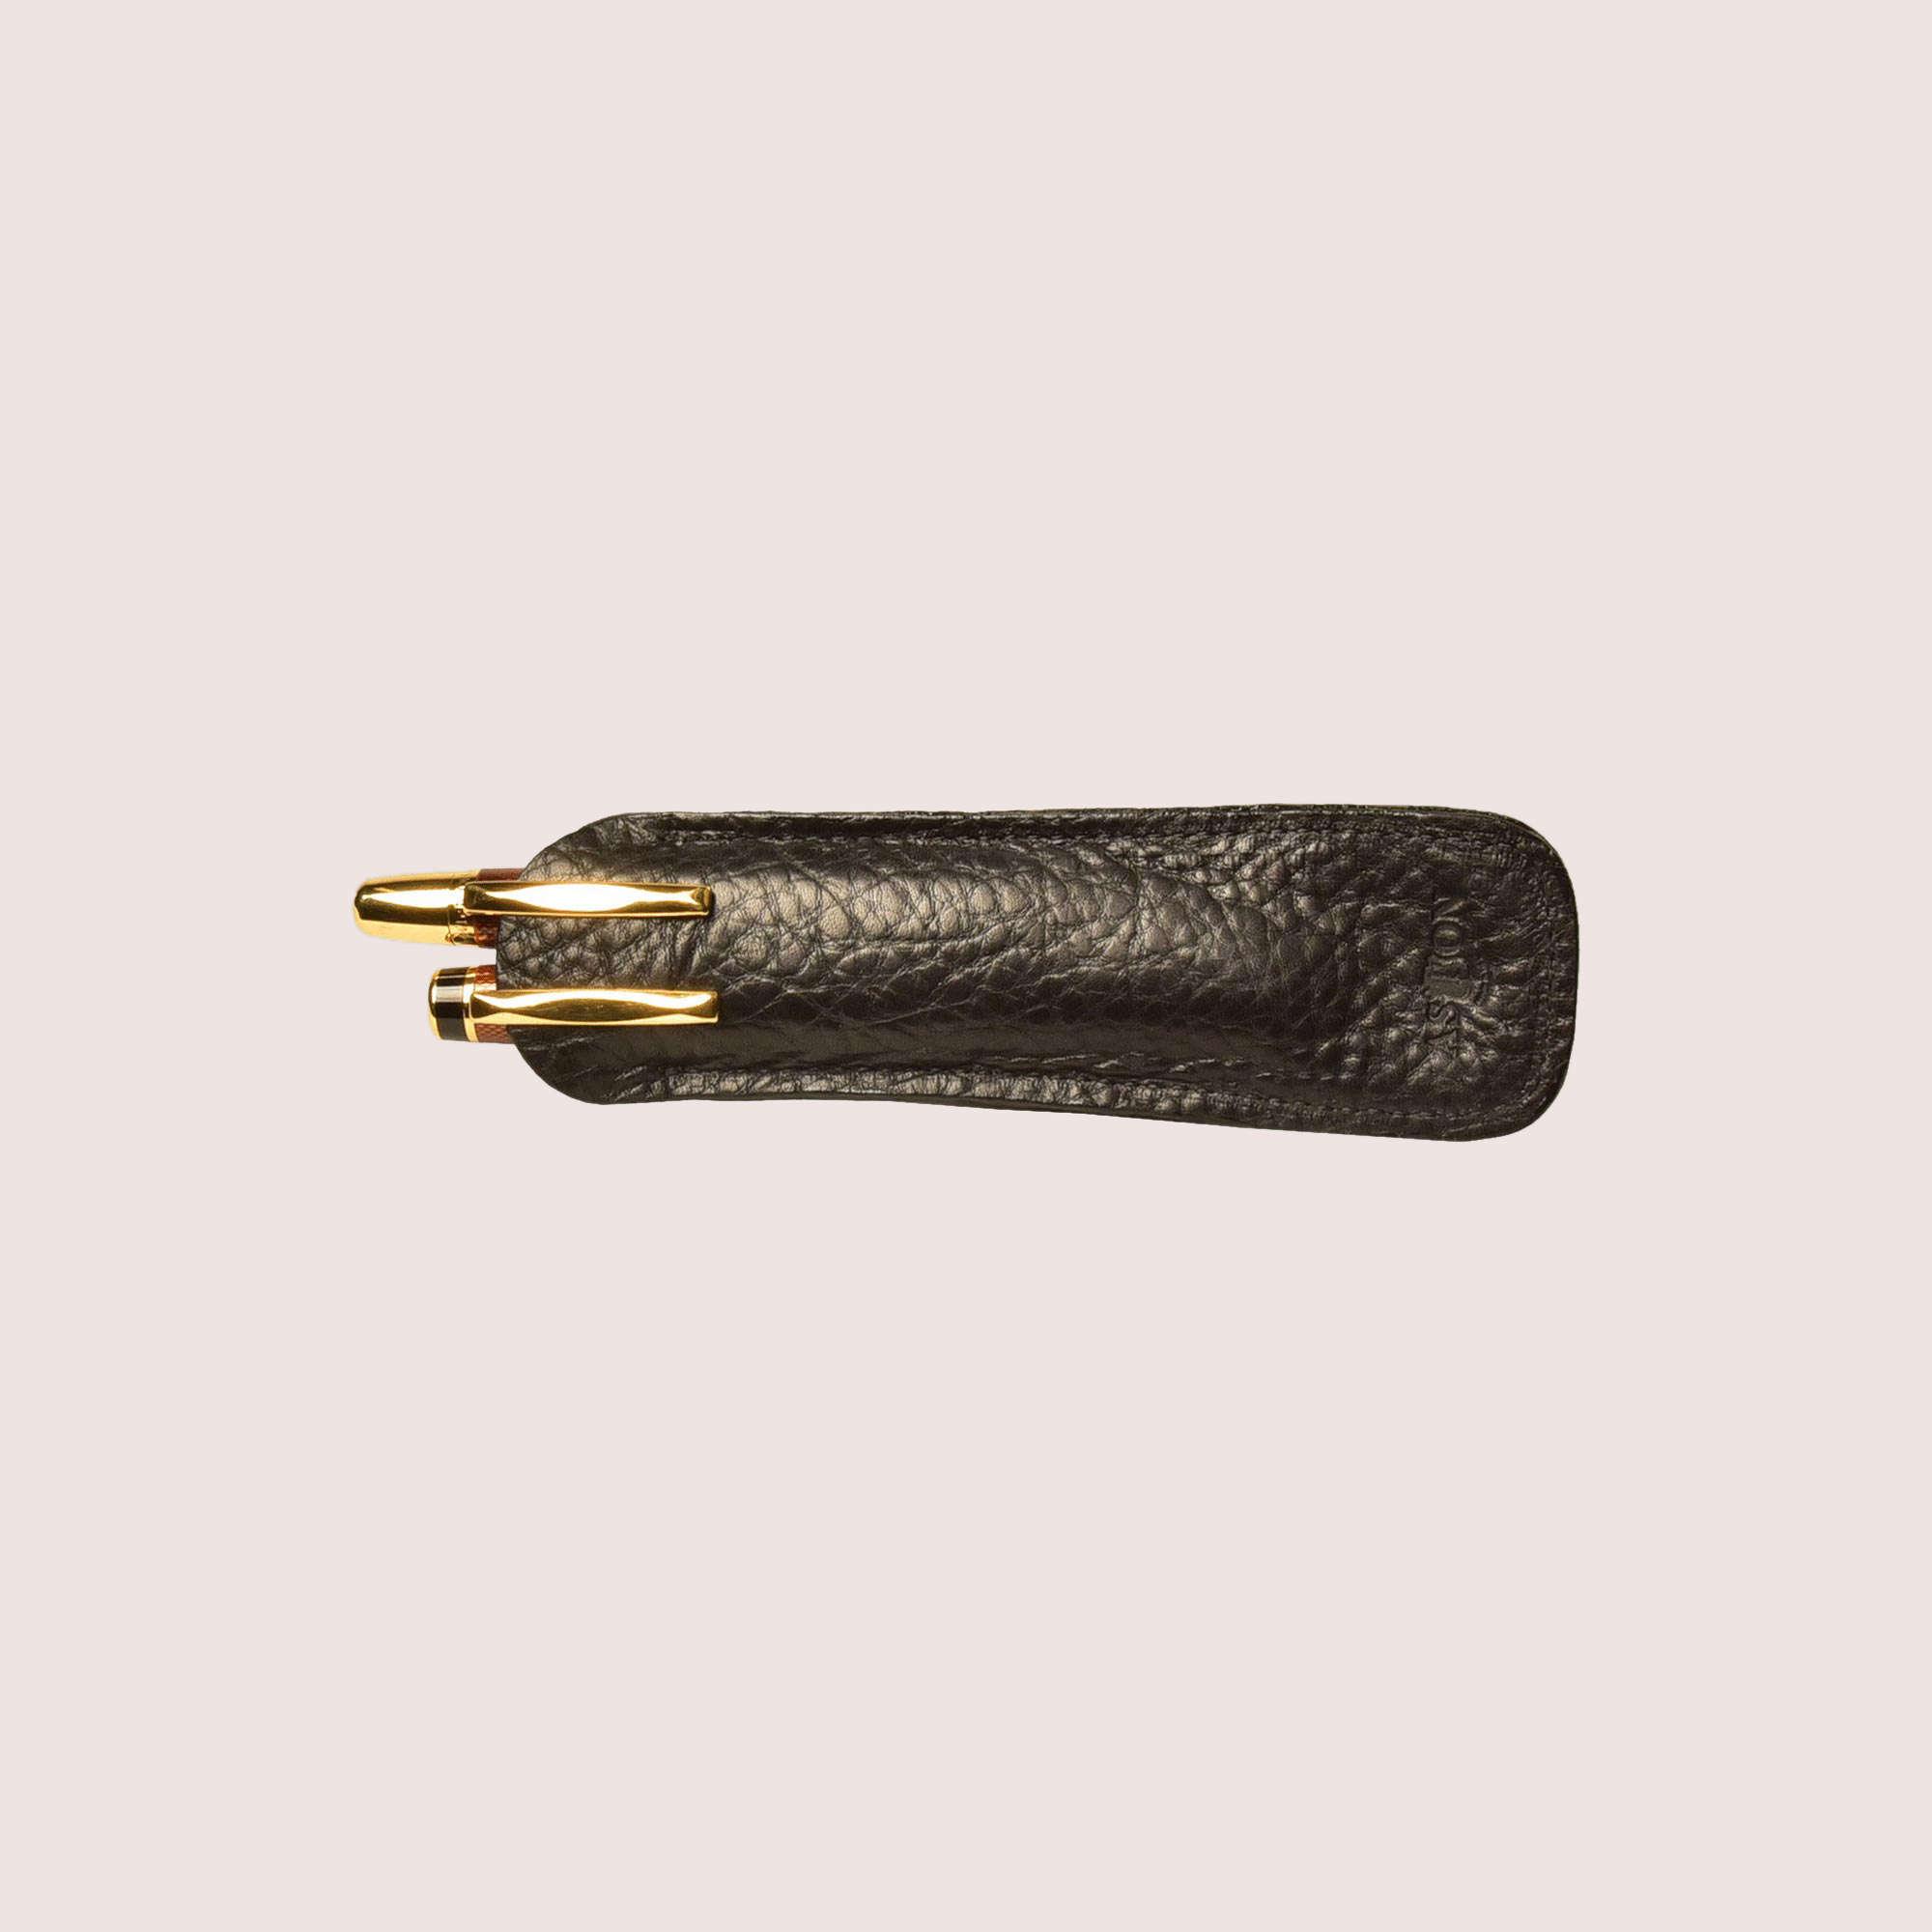 Two Pen Slip